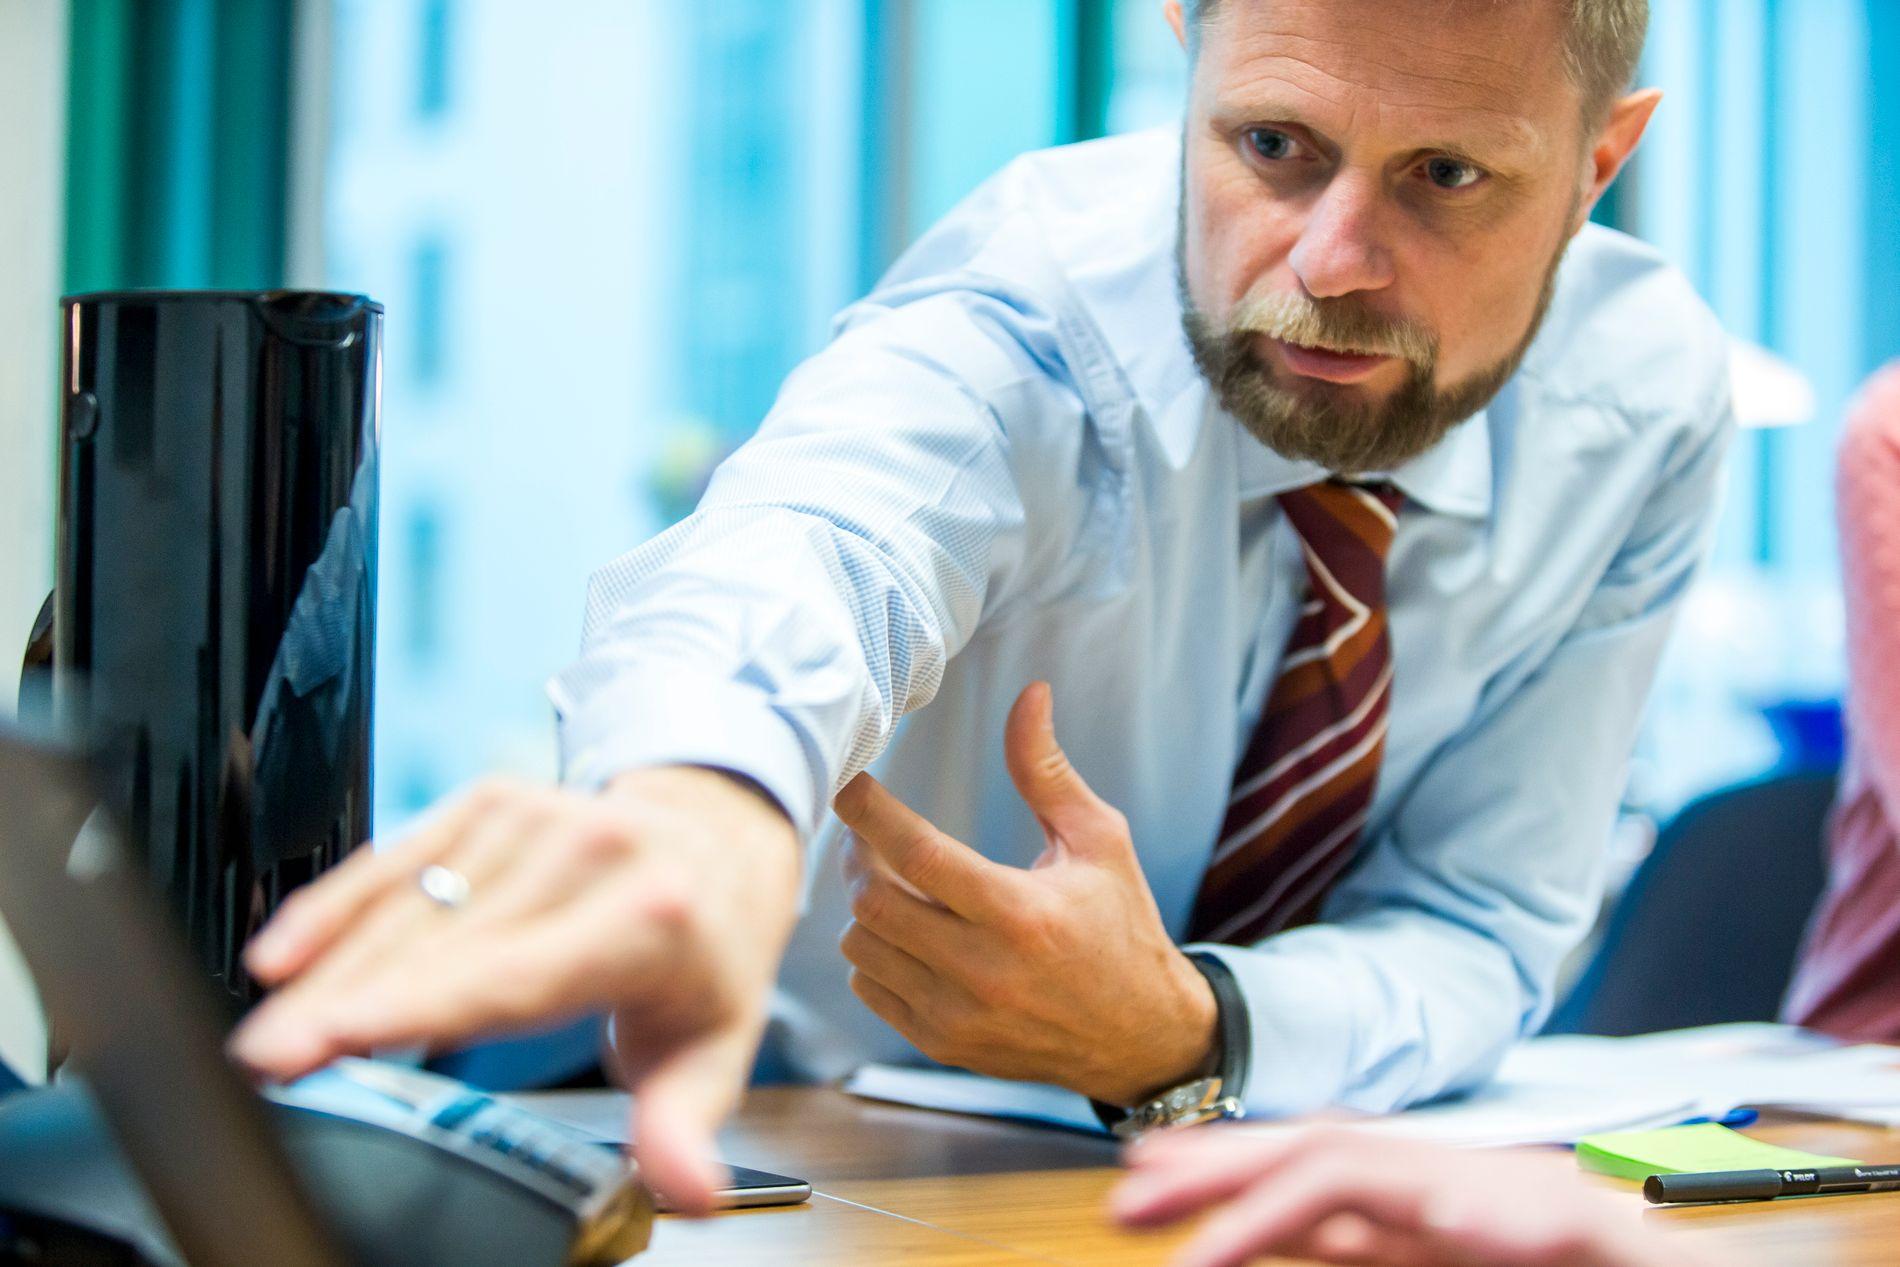 HELSESJEF: Bent Høie har reagert kraftig på VGs avsløringer om ulovlig tvangsbruk i norsk psykiatri.